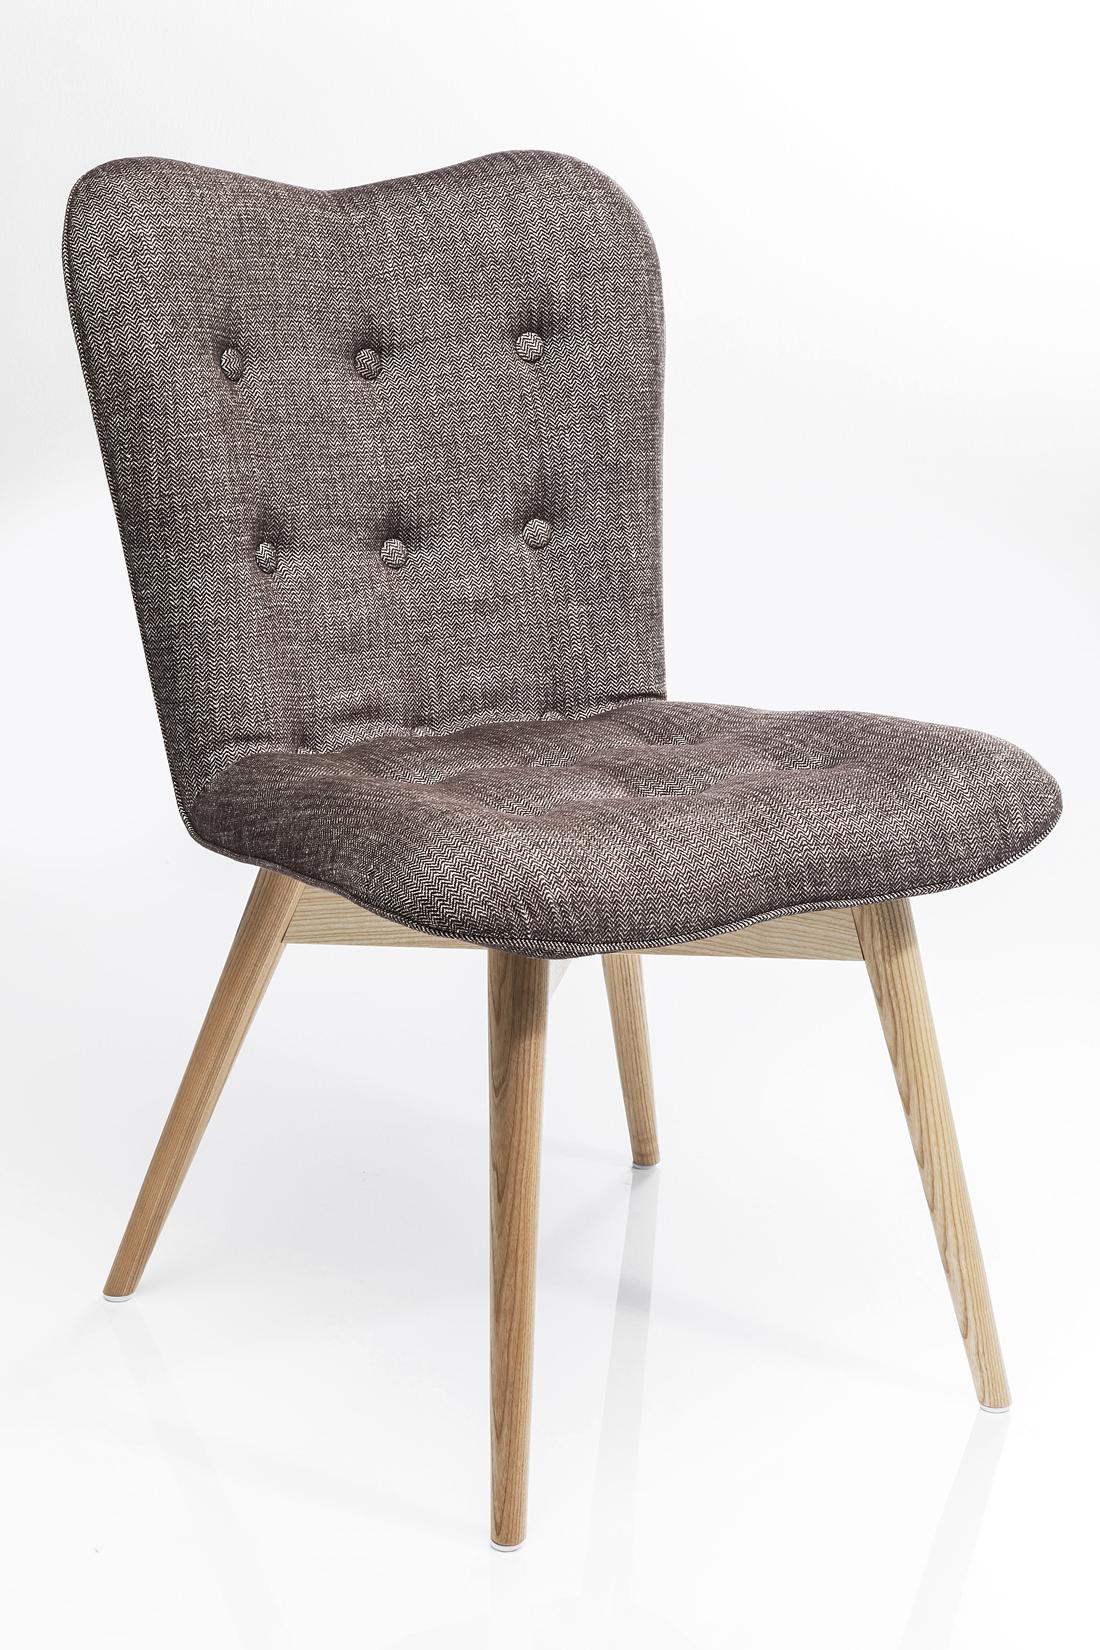 Beeindruckend Ausgefallene Sessel Dekoration Von Art. 79406